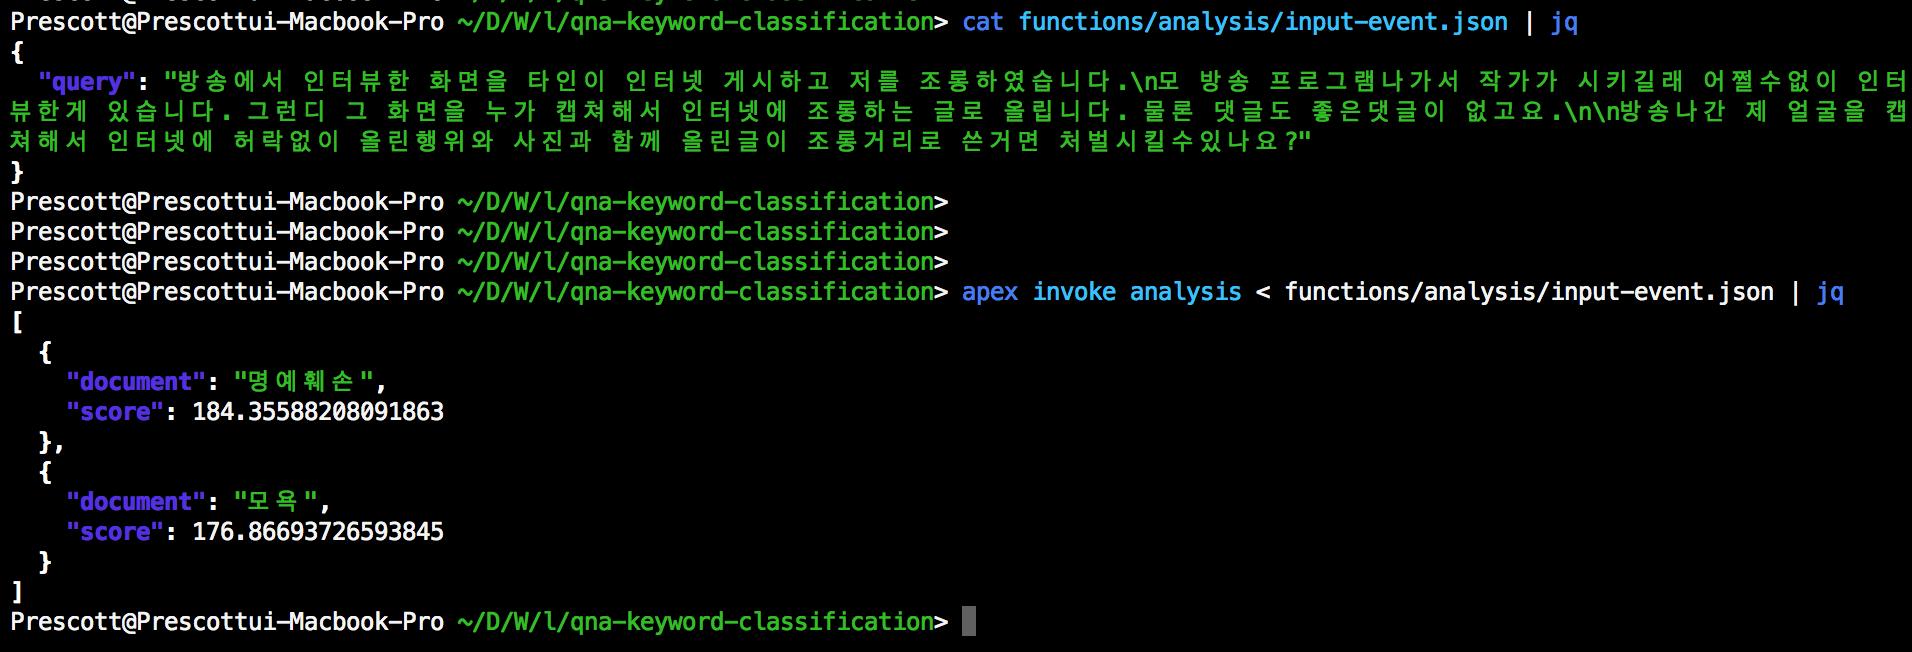 실제 해당 Lambda function의 output